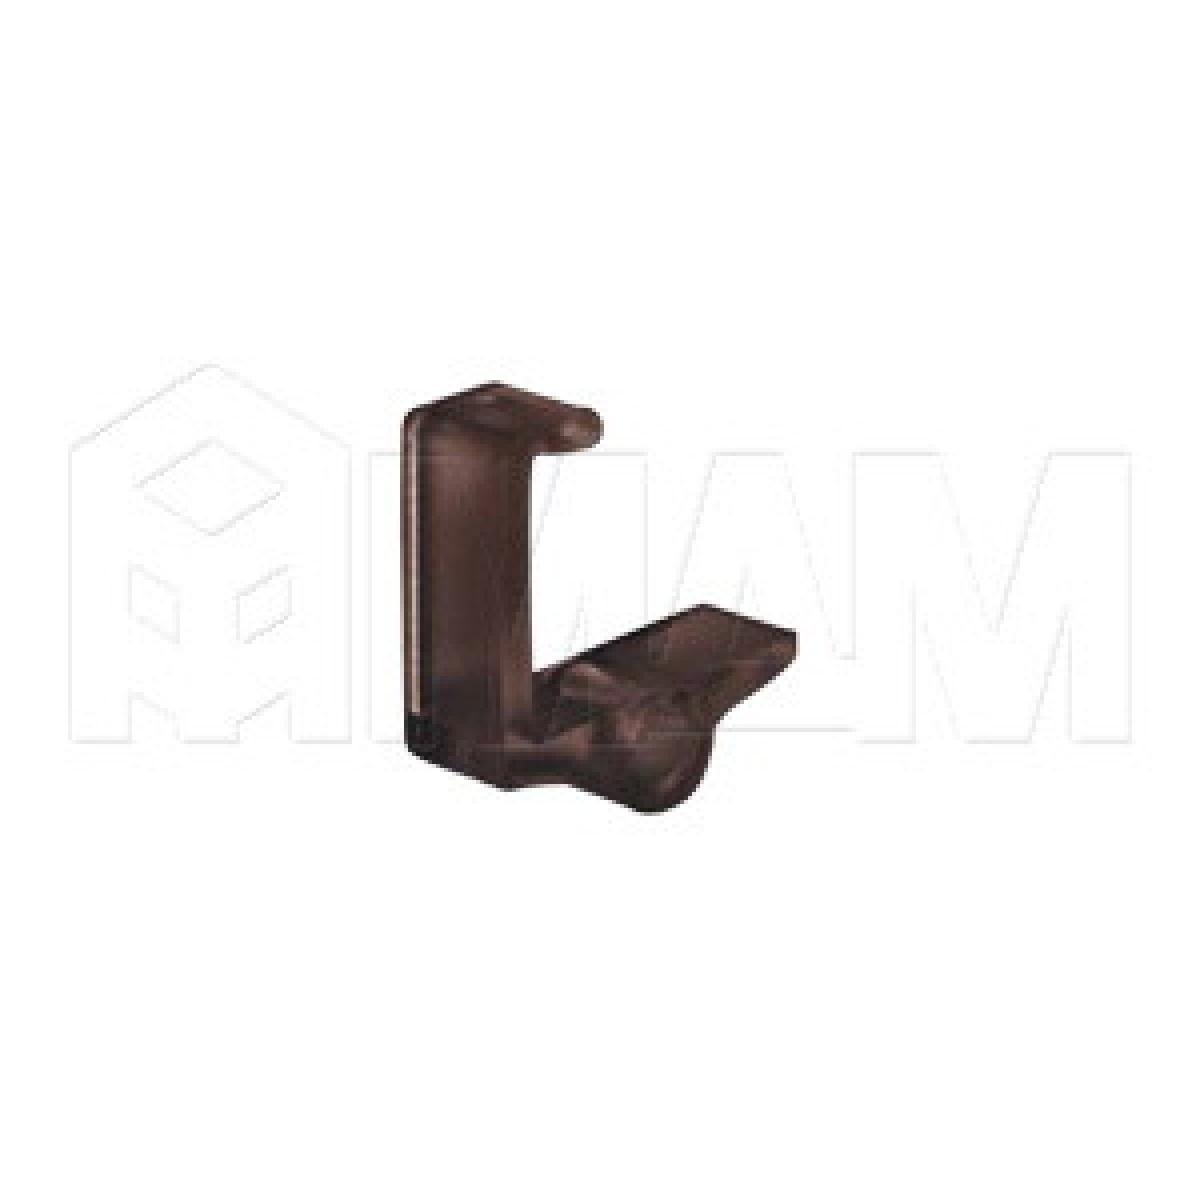 Полкодержатель-фиксатор для ДСП 18 мм (коричневый)